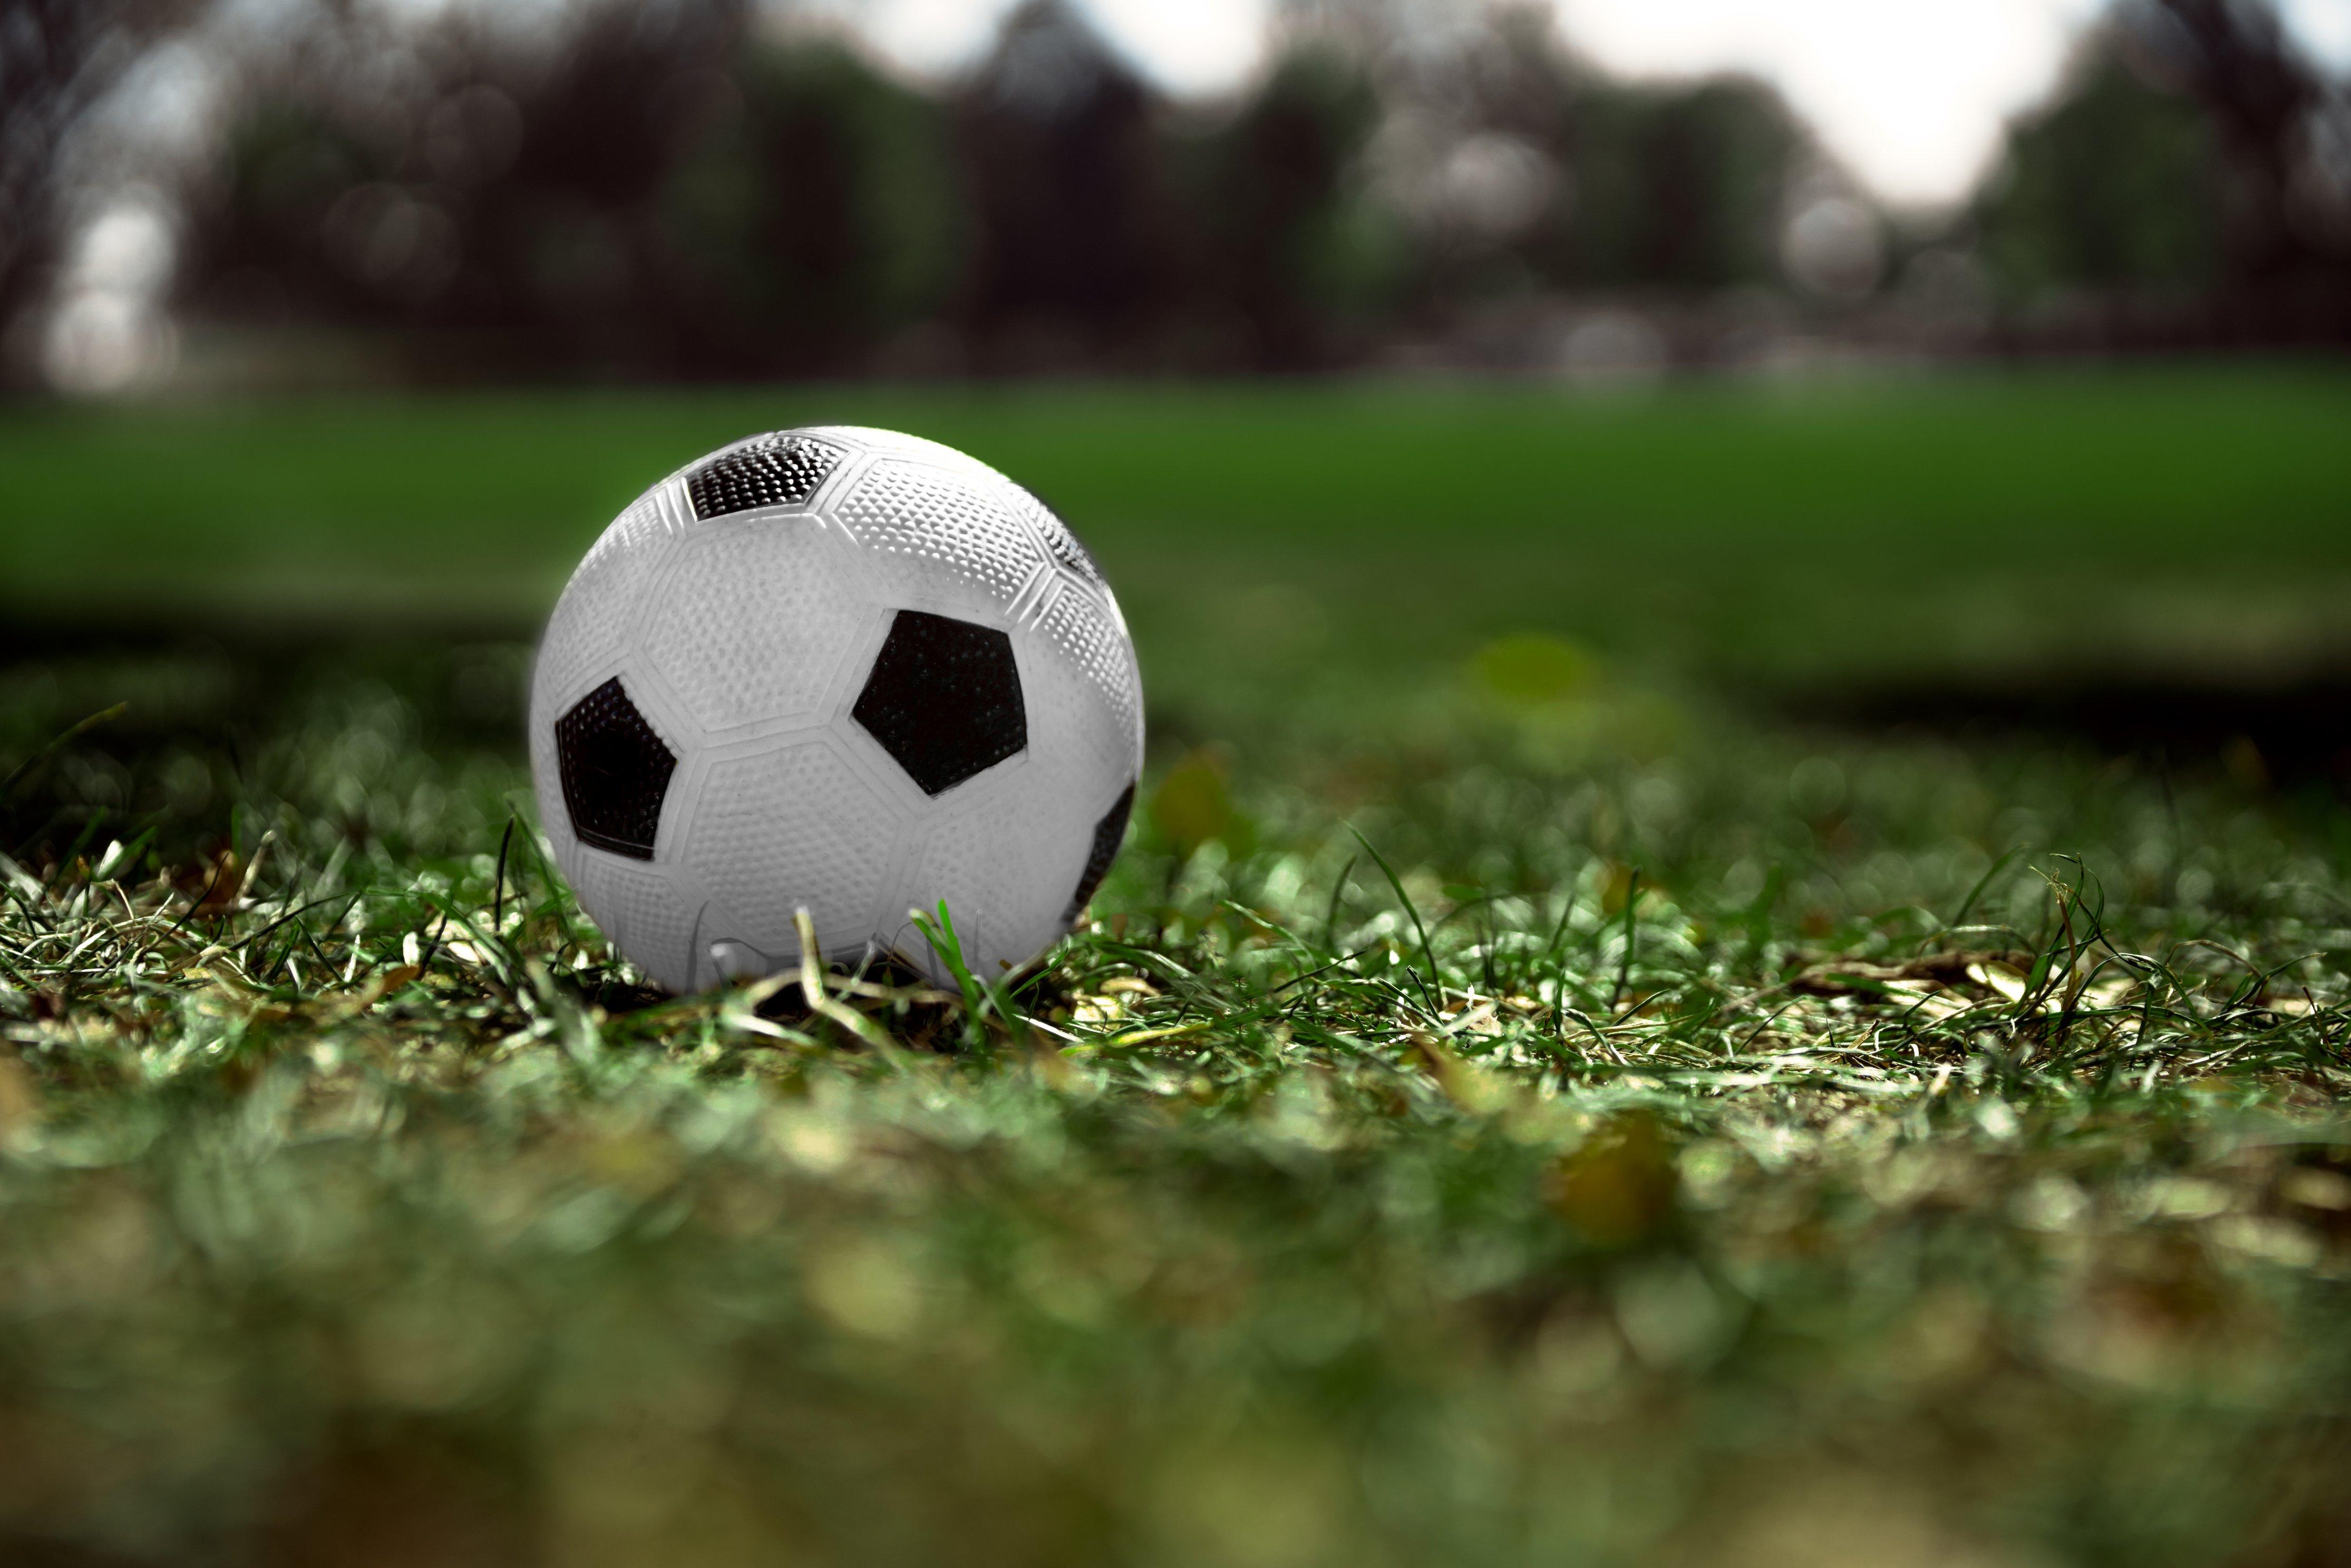 AIがコーチ?一般プレイヤーも取得できるスポーツデータとは